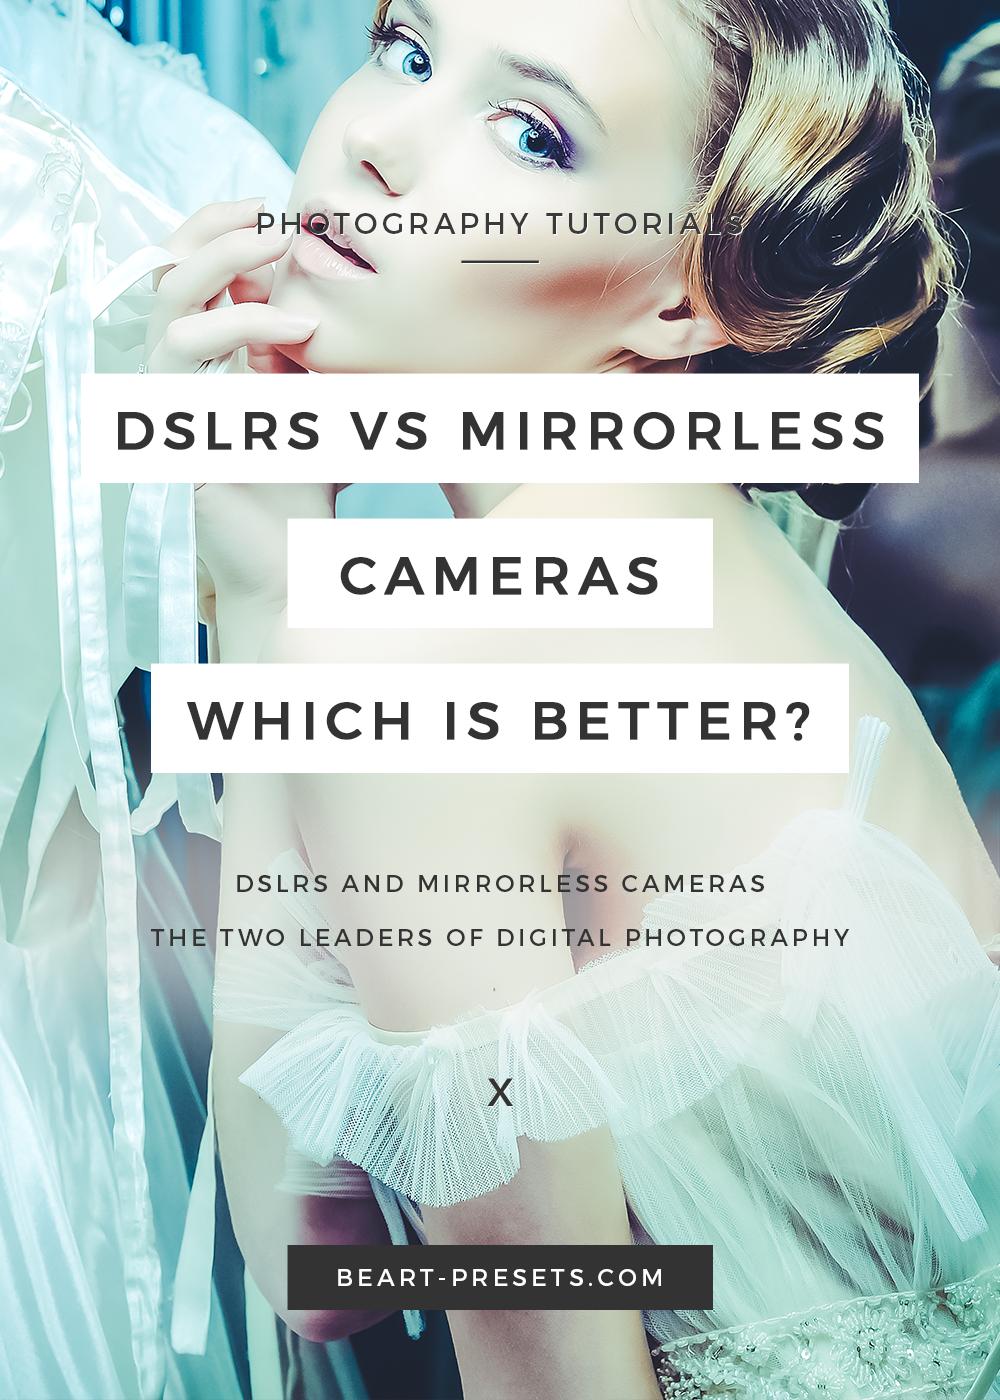 DSLRs vs mirrorless cameras